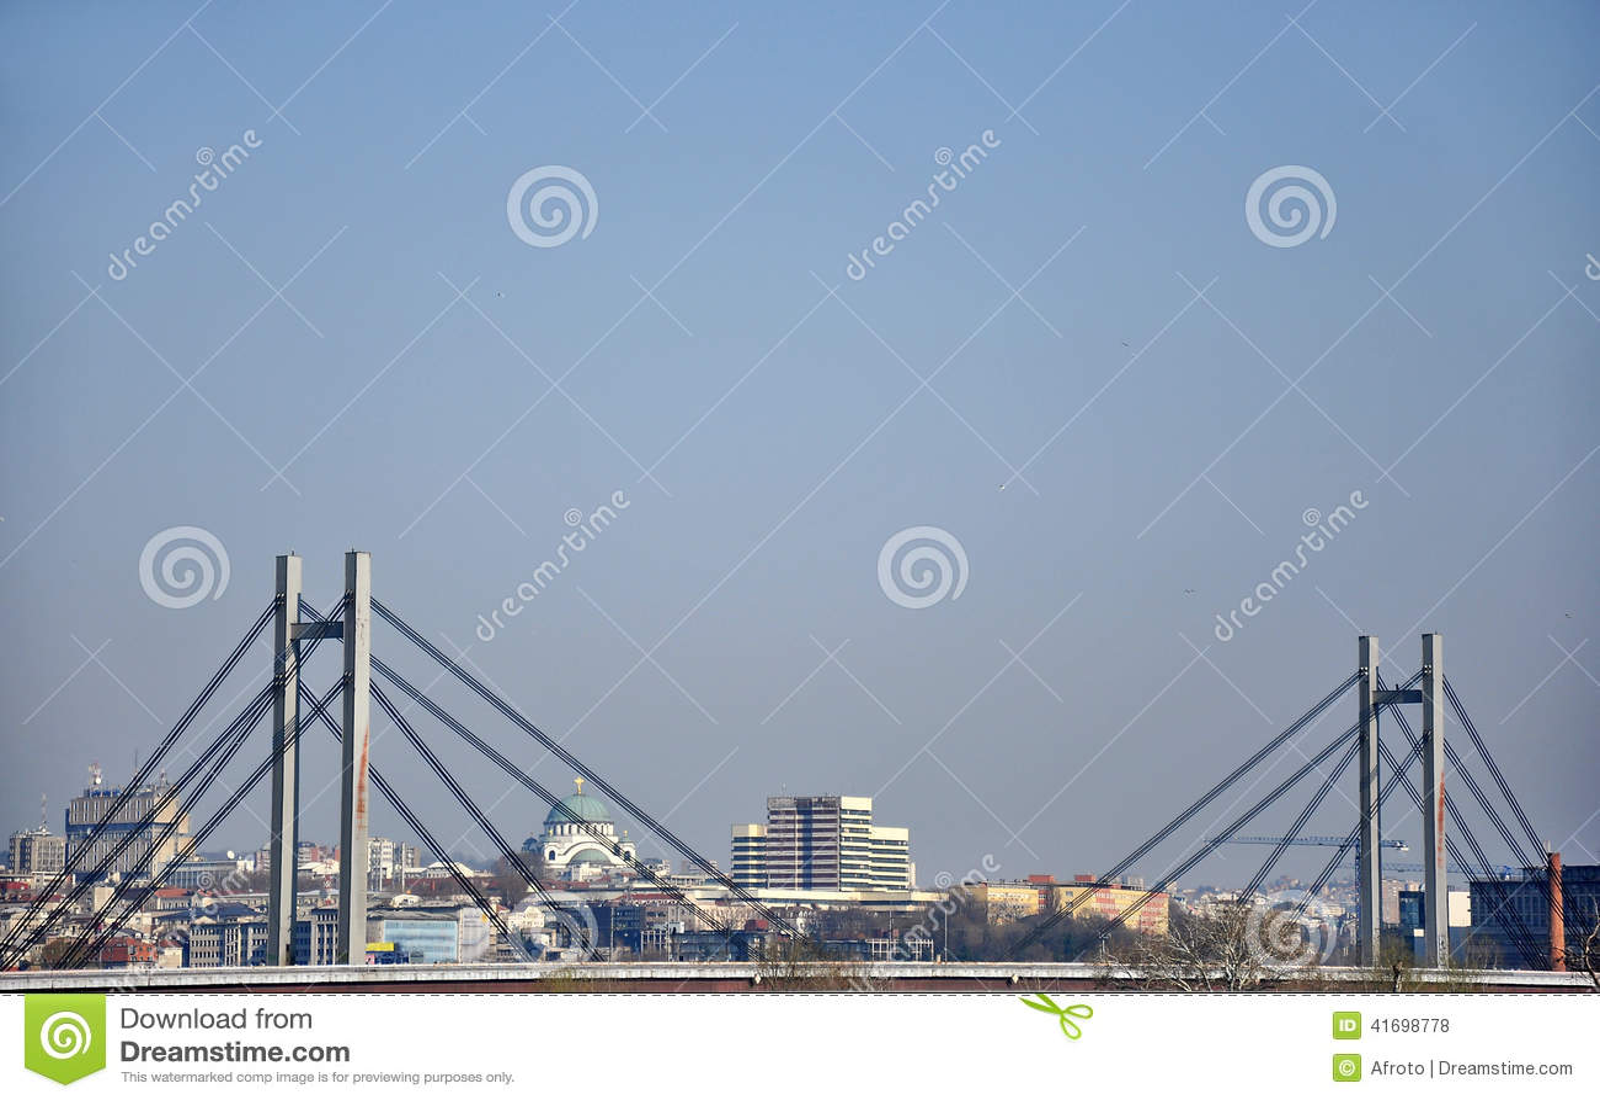 Brücke in der Großstadt von Belgrad